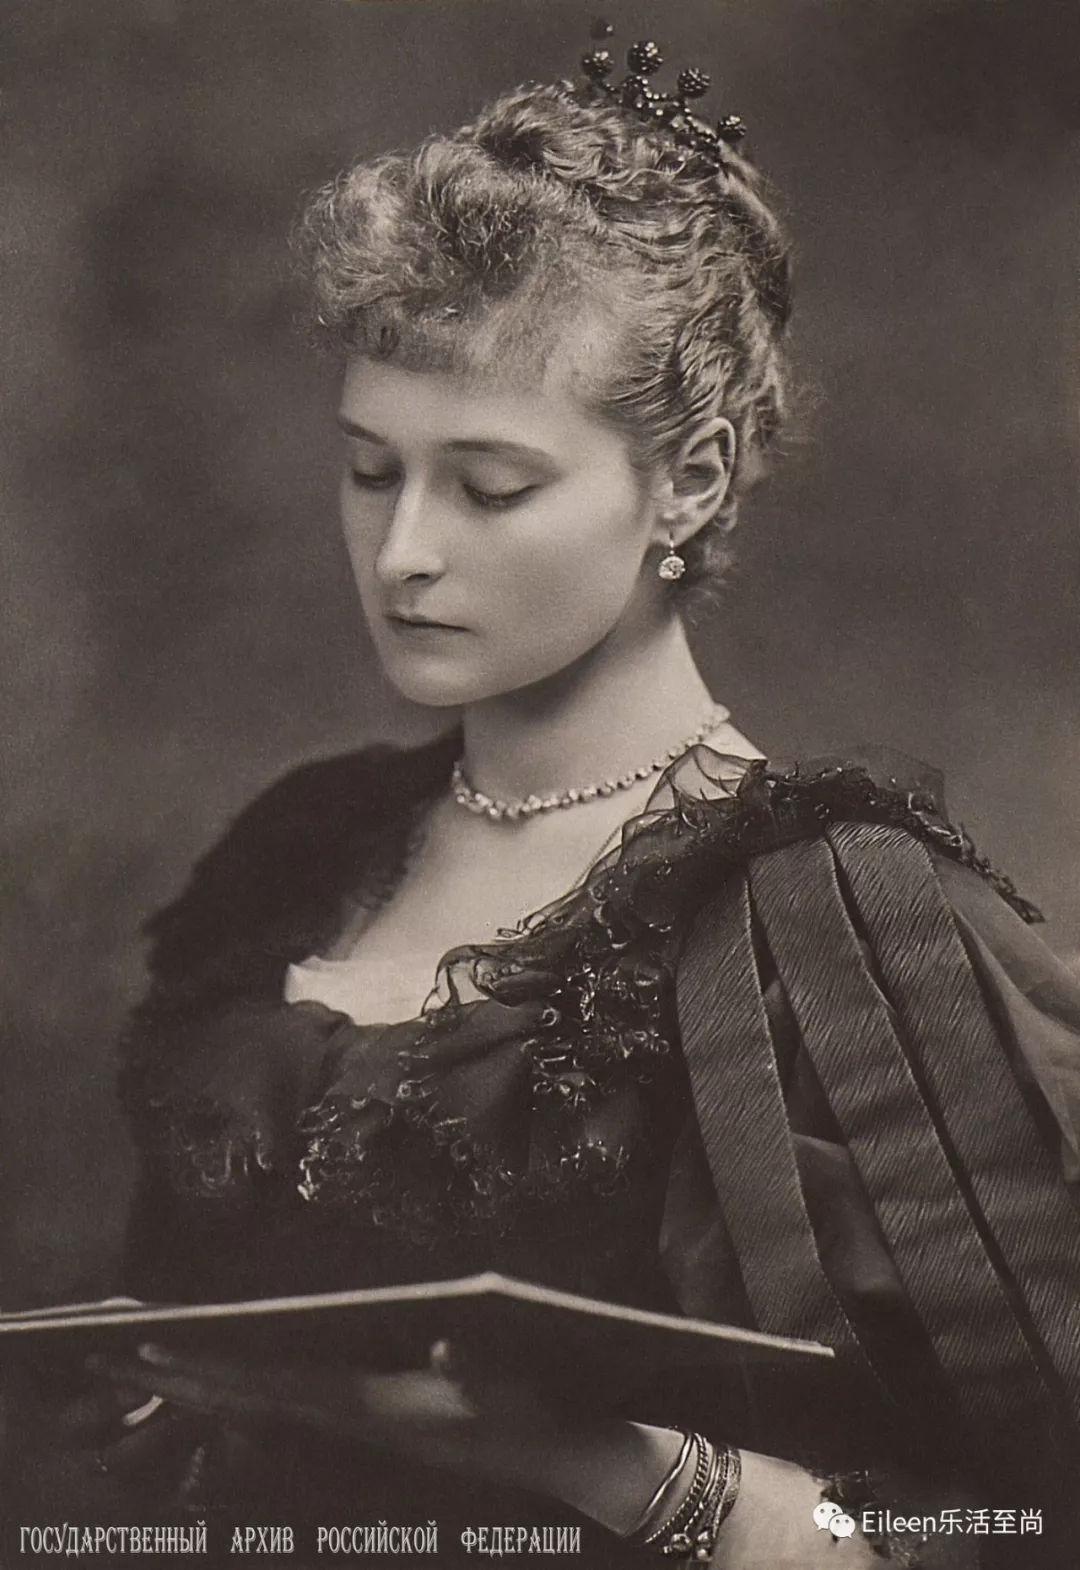 英王室的林黛玉,远嫁俄国成末代皇后,完美爱情难敌倾覆命运……